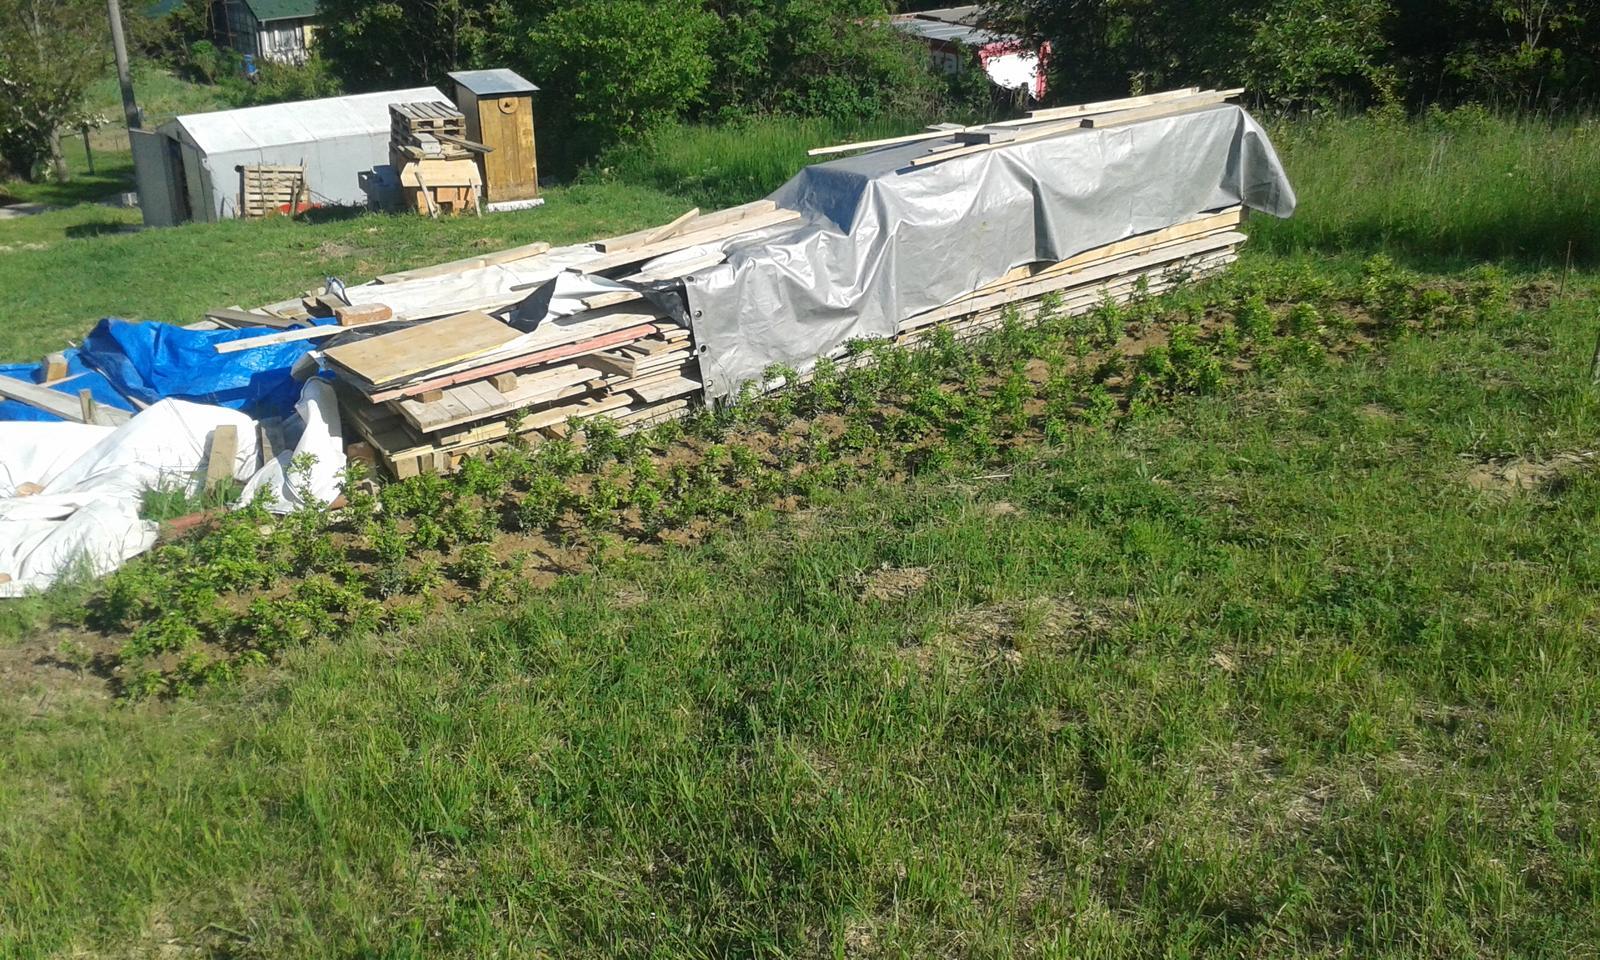 Okolie domu, záhrada - 7.5.2016 - Keď sme kúpili pozemkok, hneď sme u našich zasadili buxusy na živý plot zo severnej strany pozemku. Teraz sme ich rozsadili. Prvých 164 ks.